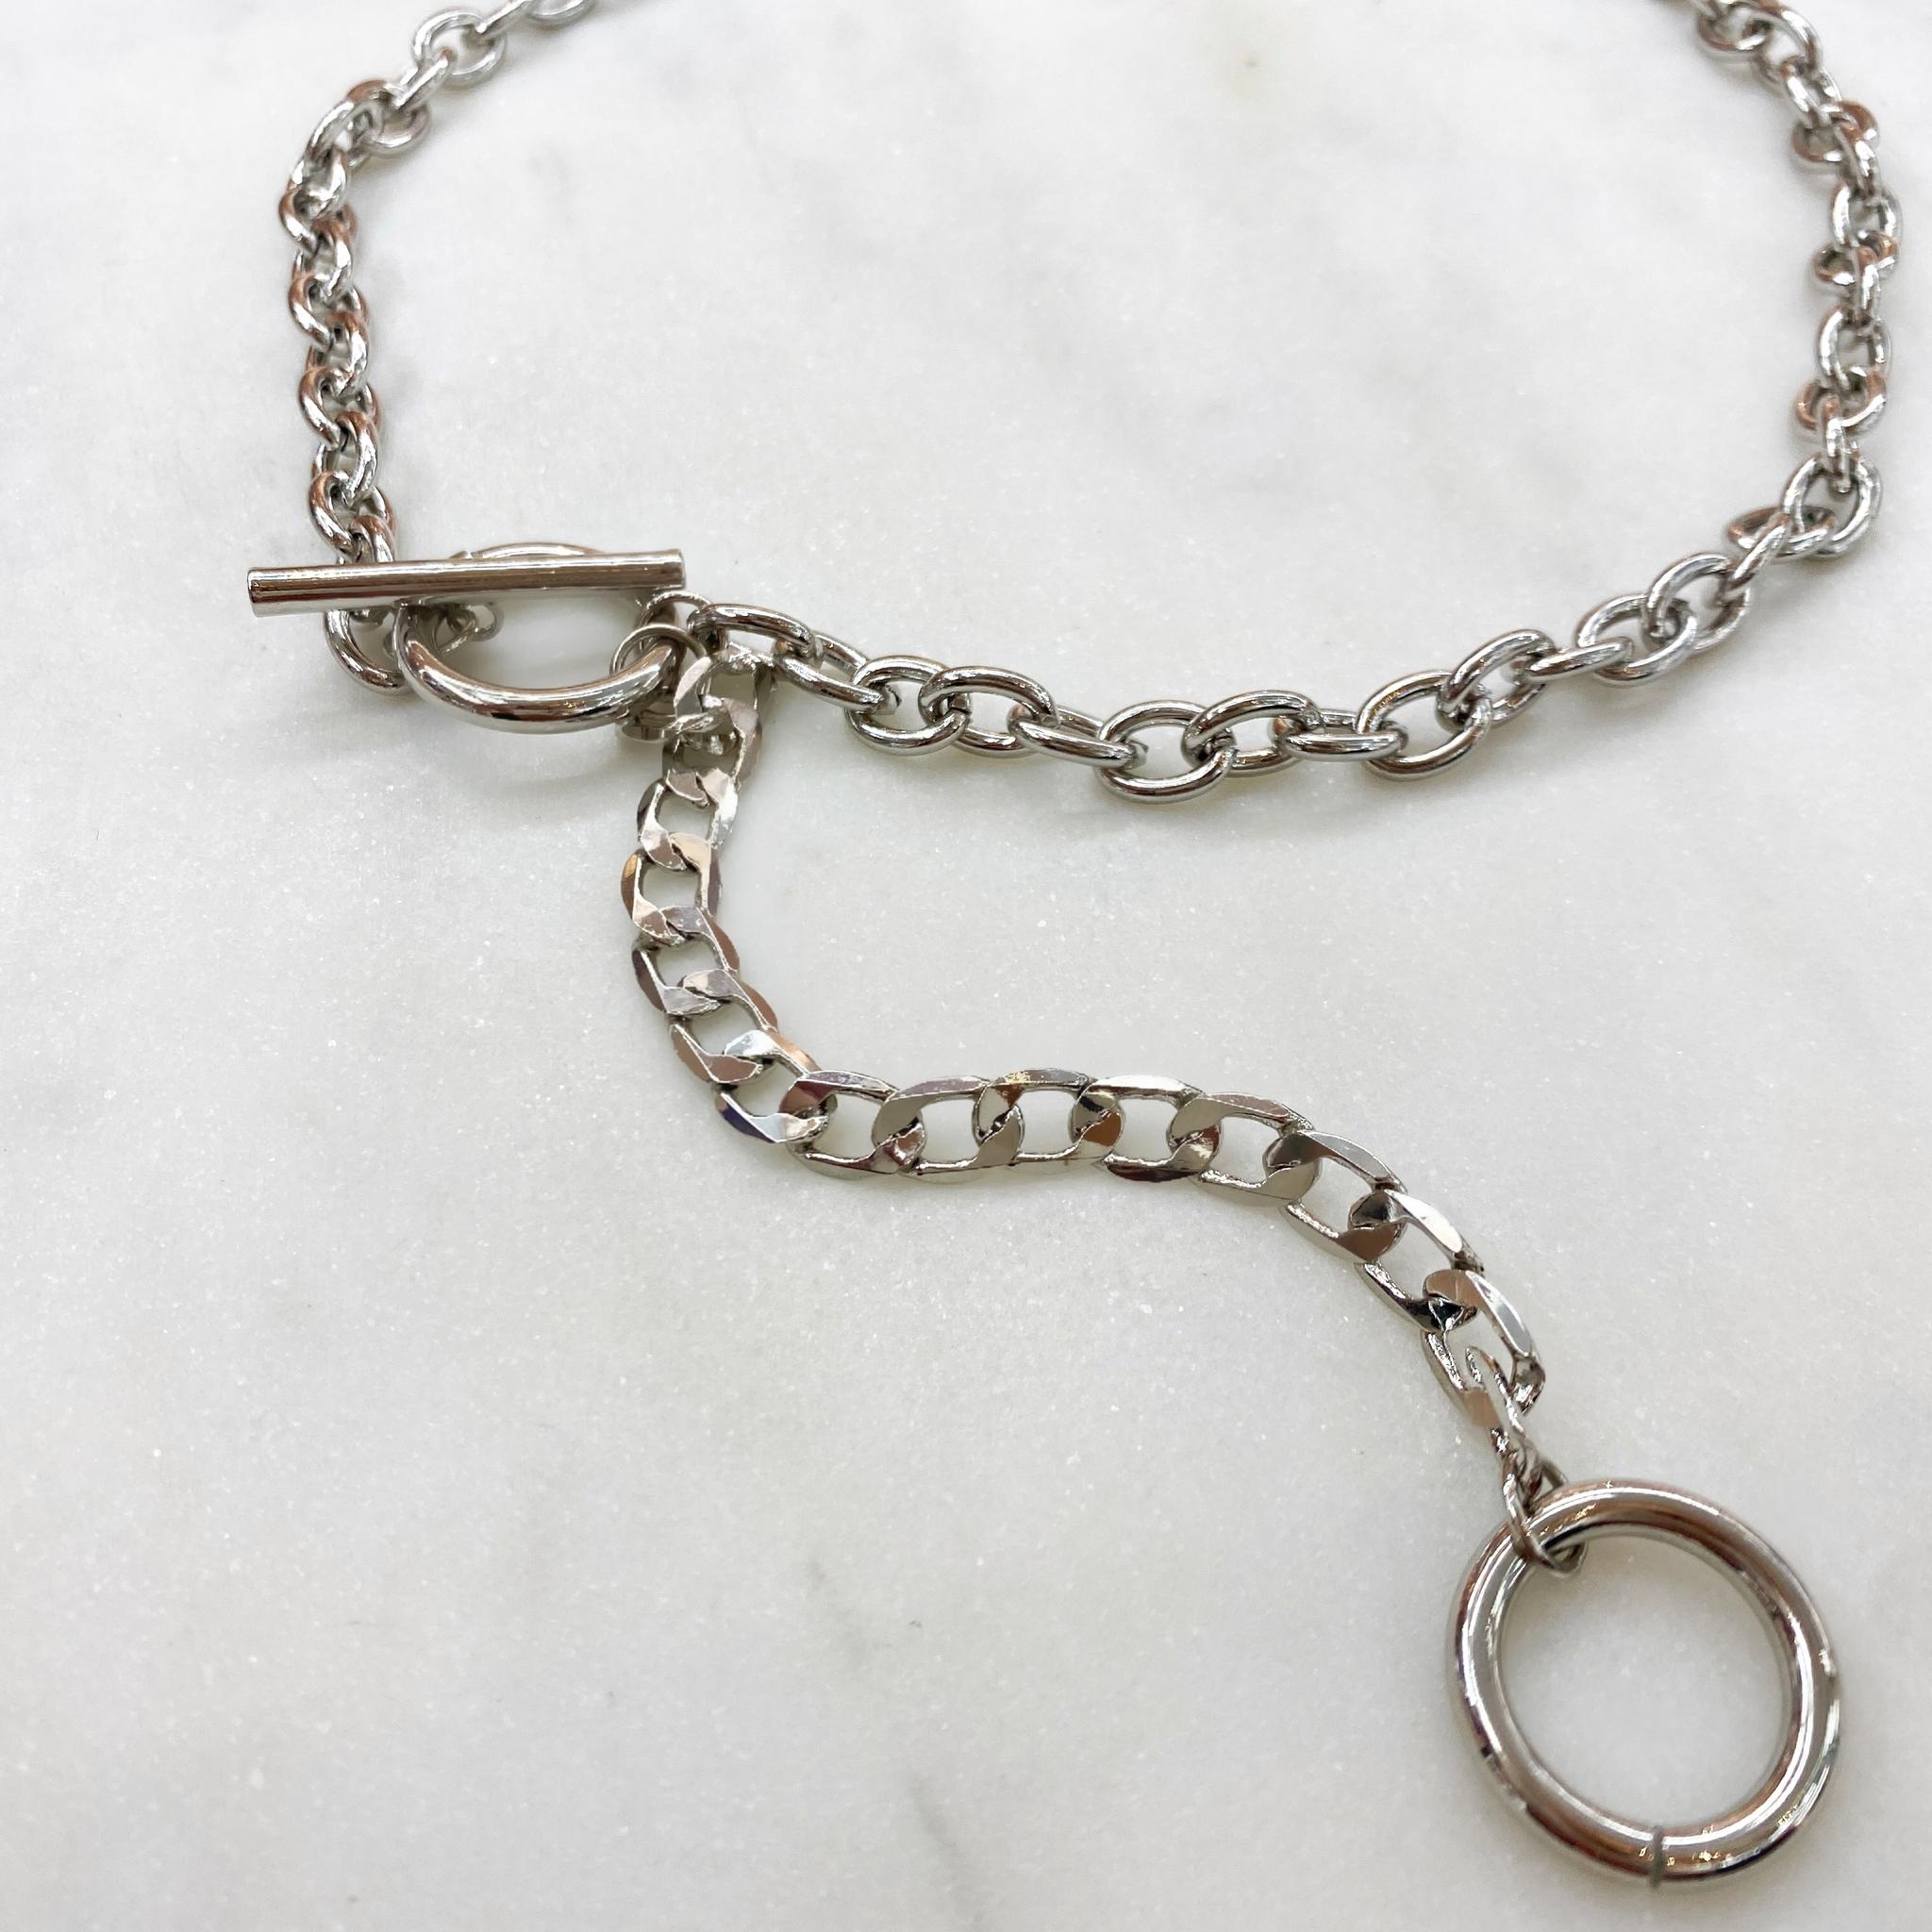 Колье-цепь с декоративной застежкой, тоглом и кольцами (серебристый)